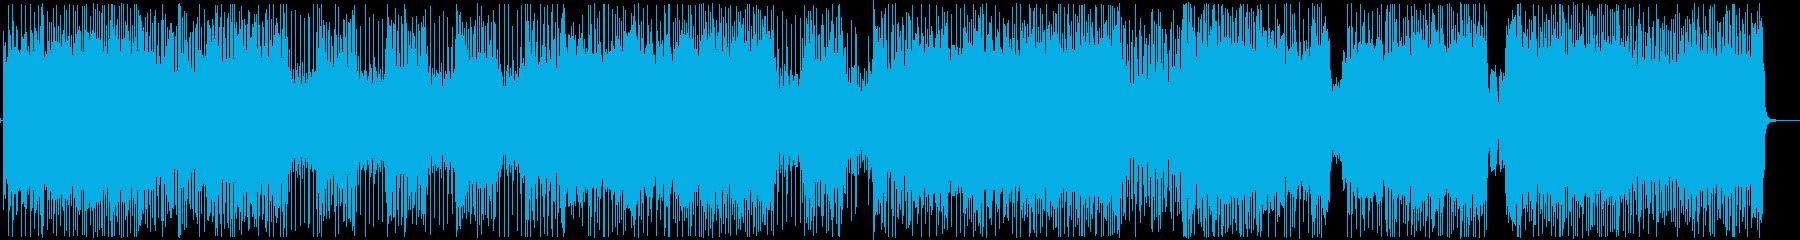 疾走感のあるアナログ和風ロックの再生済みの波形